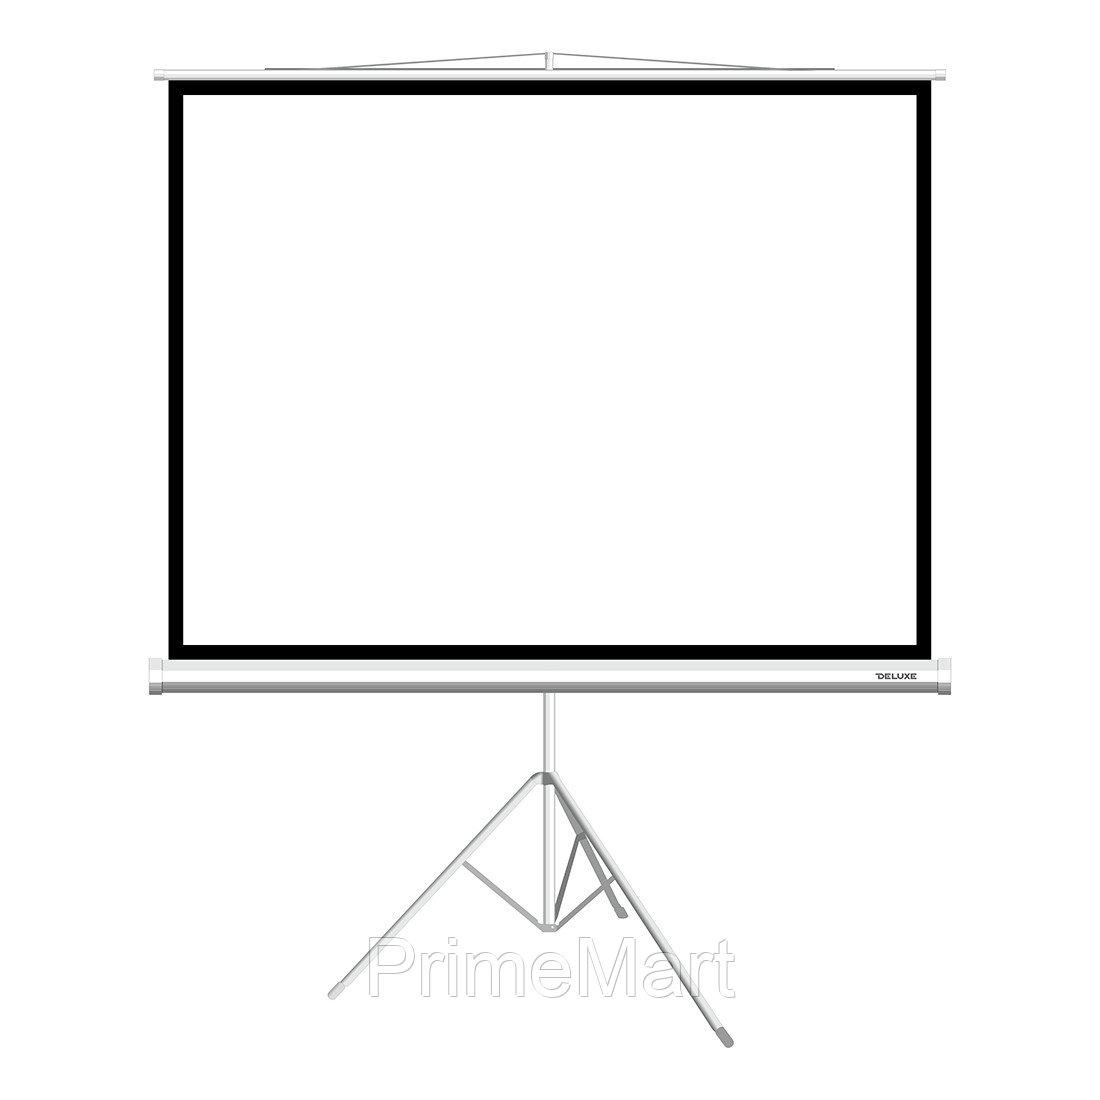 Экран на треноге, Deluxe, DLS-T180xW, Рабочая поверхность 172х172 см., 1:1, Matt white, Белый